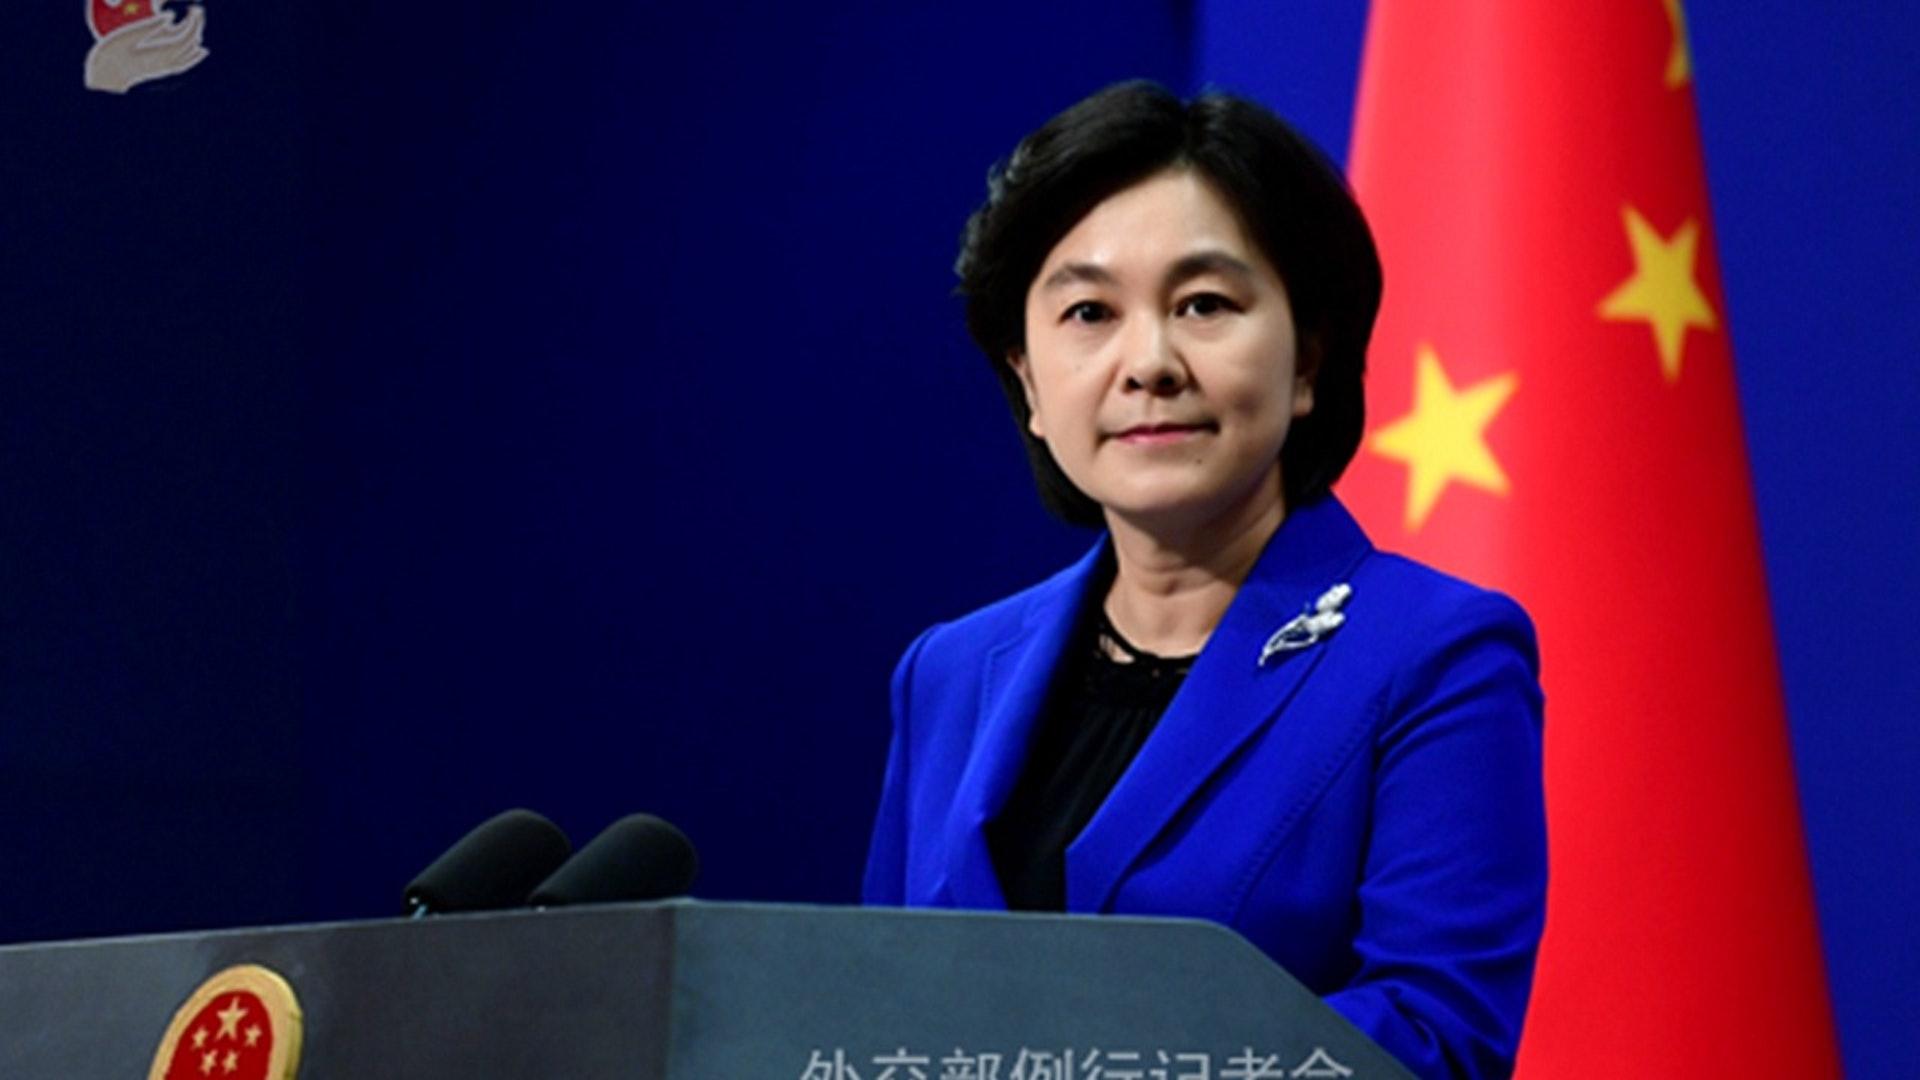 中国外交部尴尬了!遭中纪委点名给差评